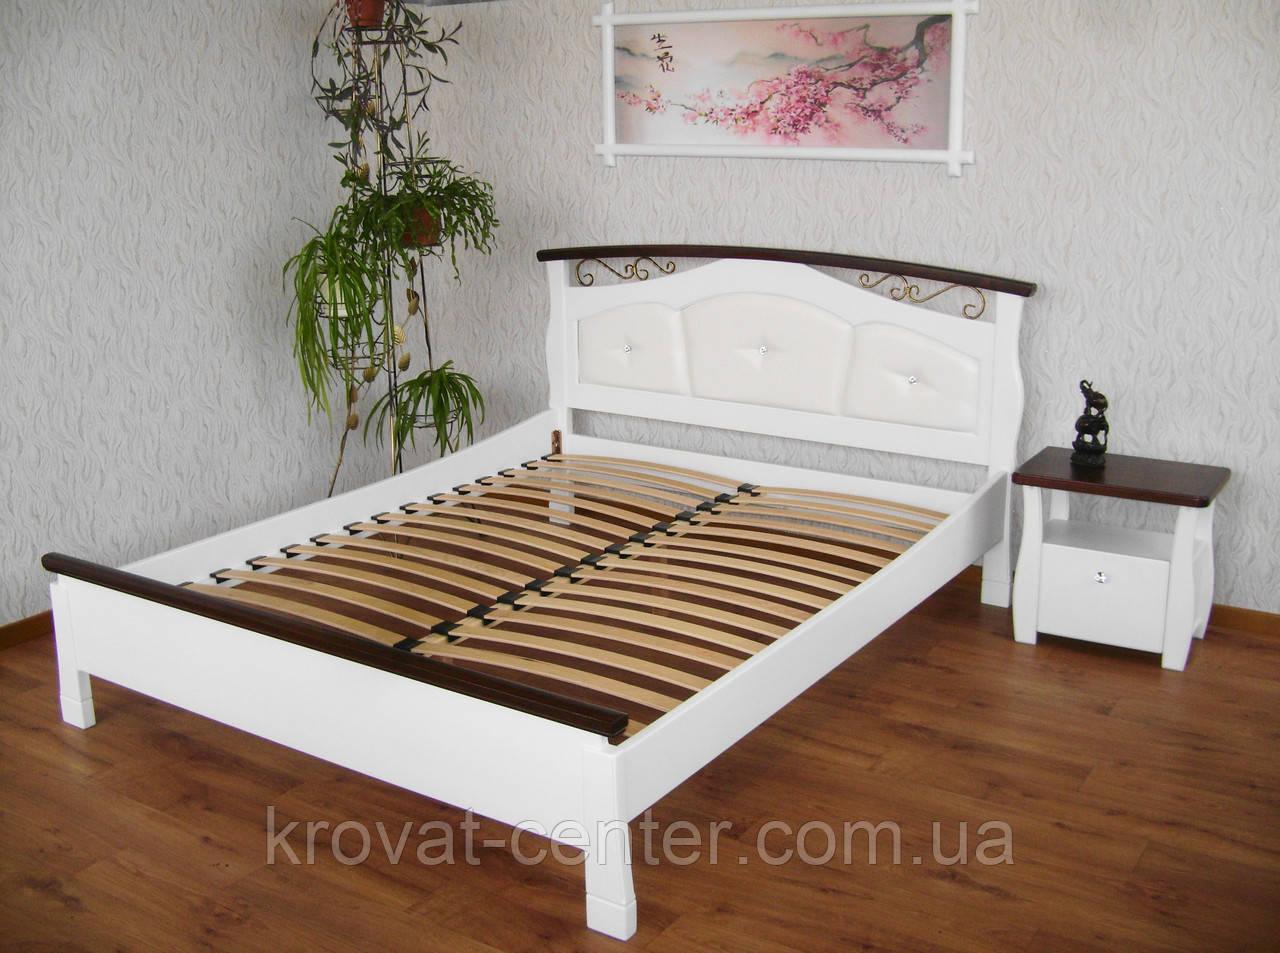 """Белая спальня из массива натурального дерева от производителя """"Констанция"""" (кровать с тумбочками)"""